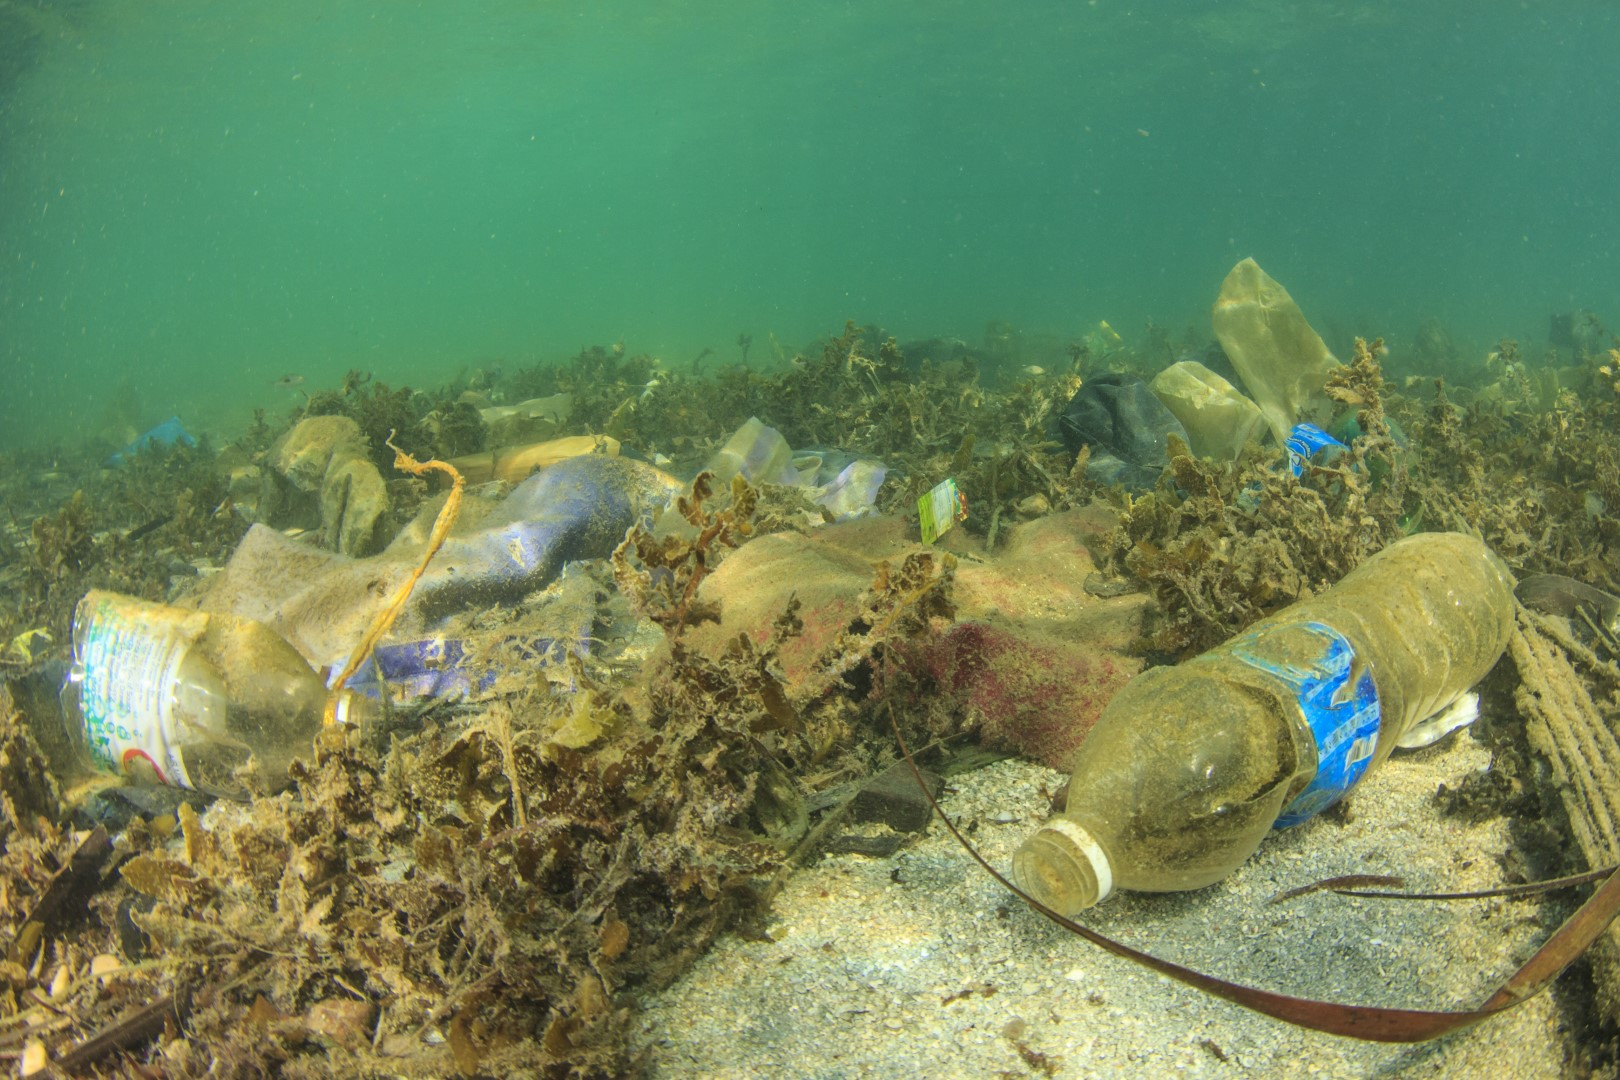 Underwater_pollution